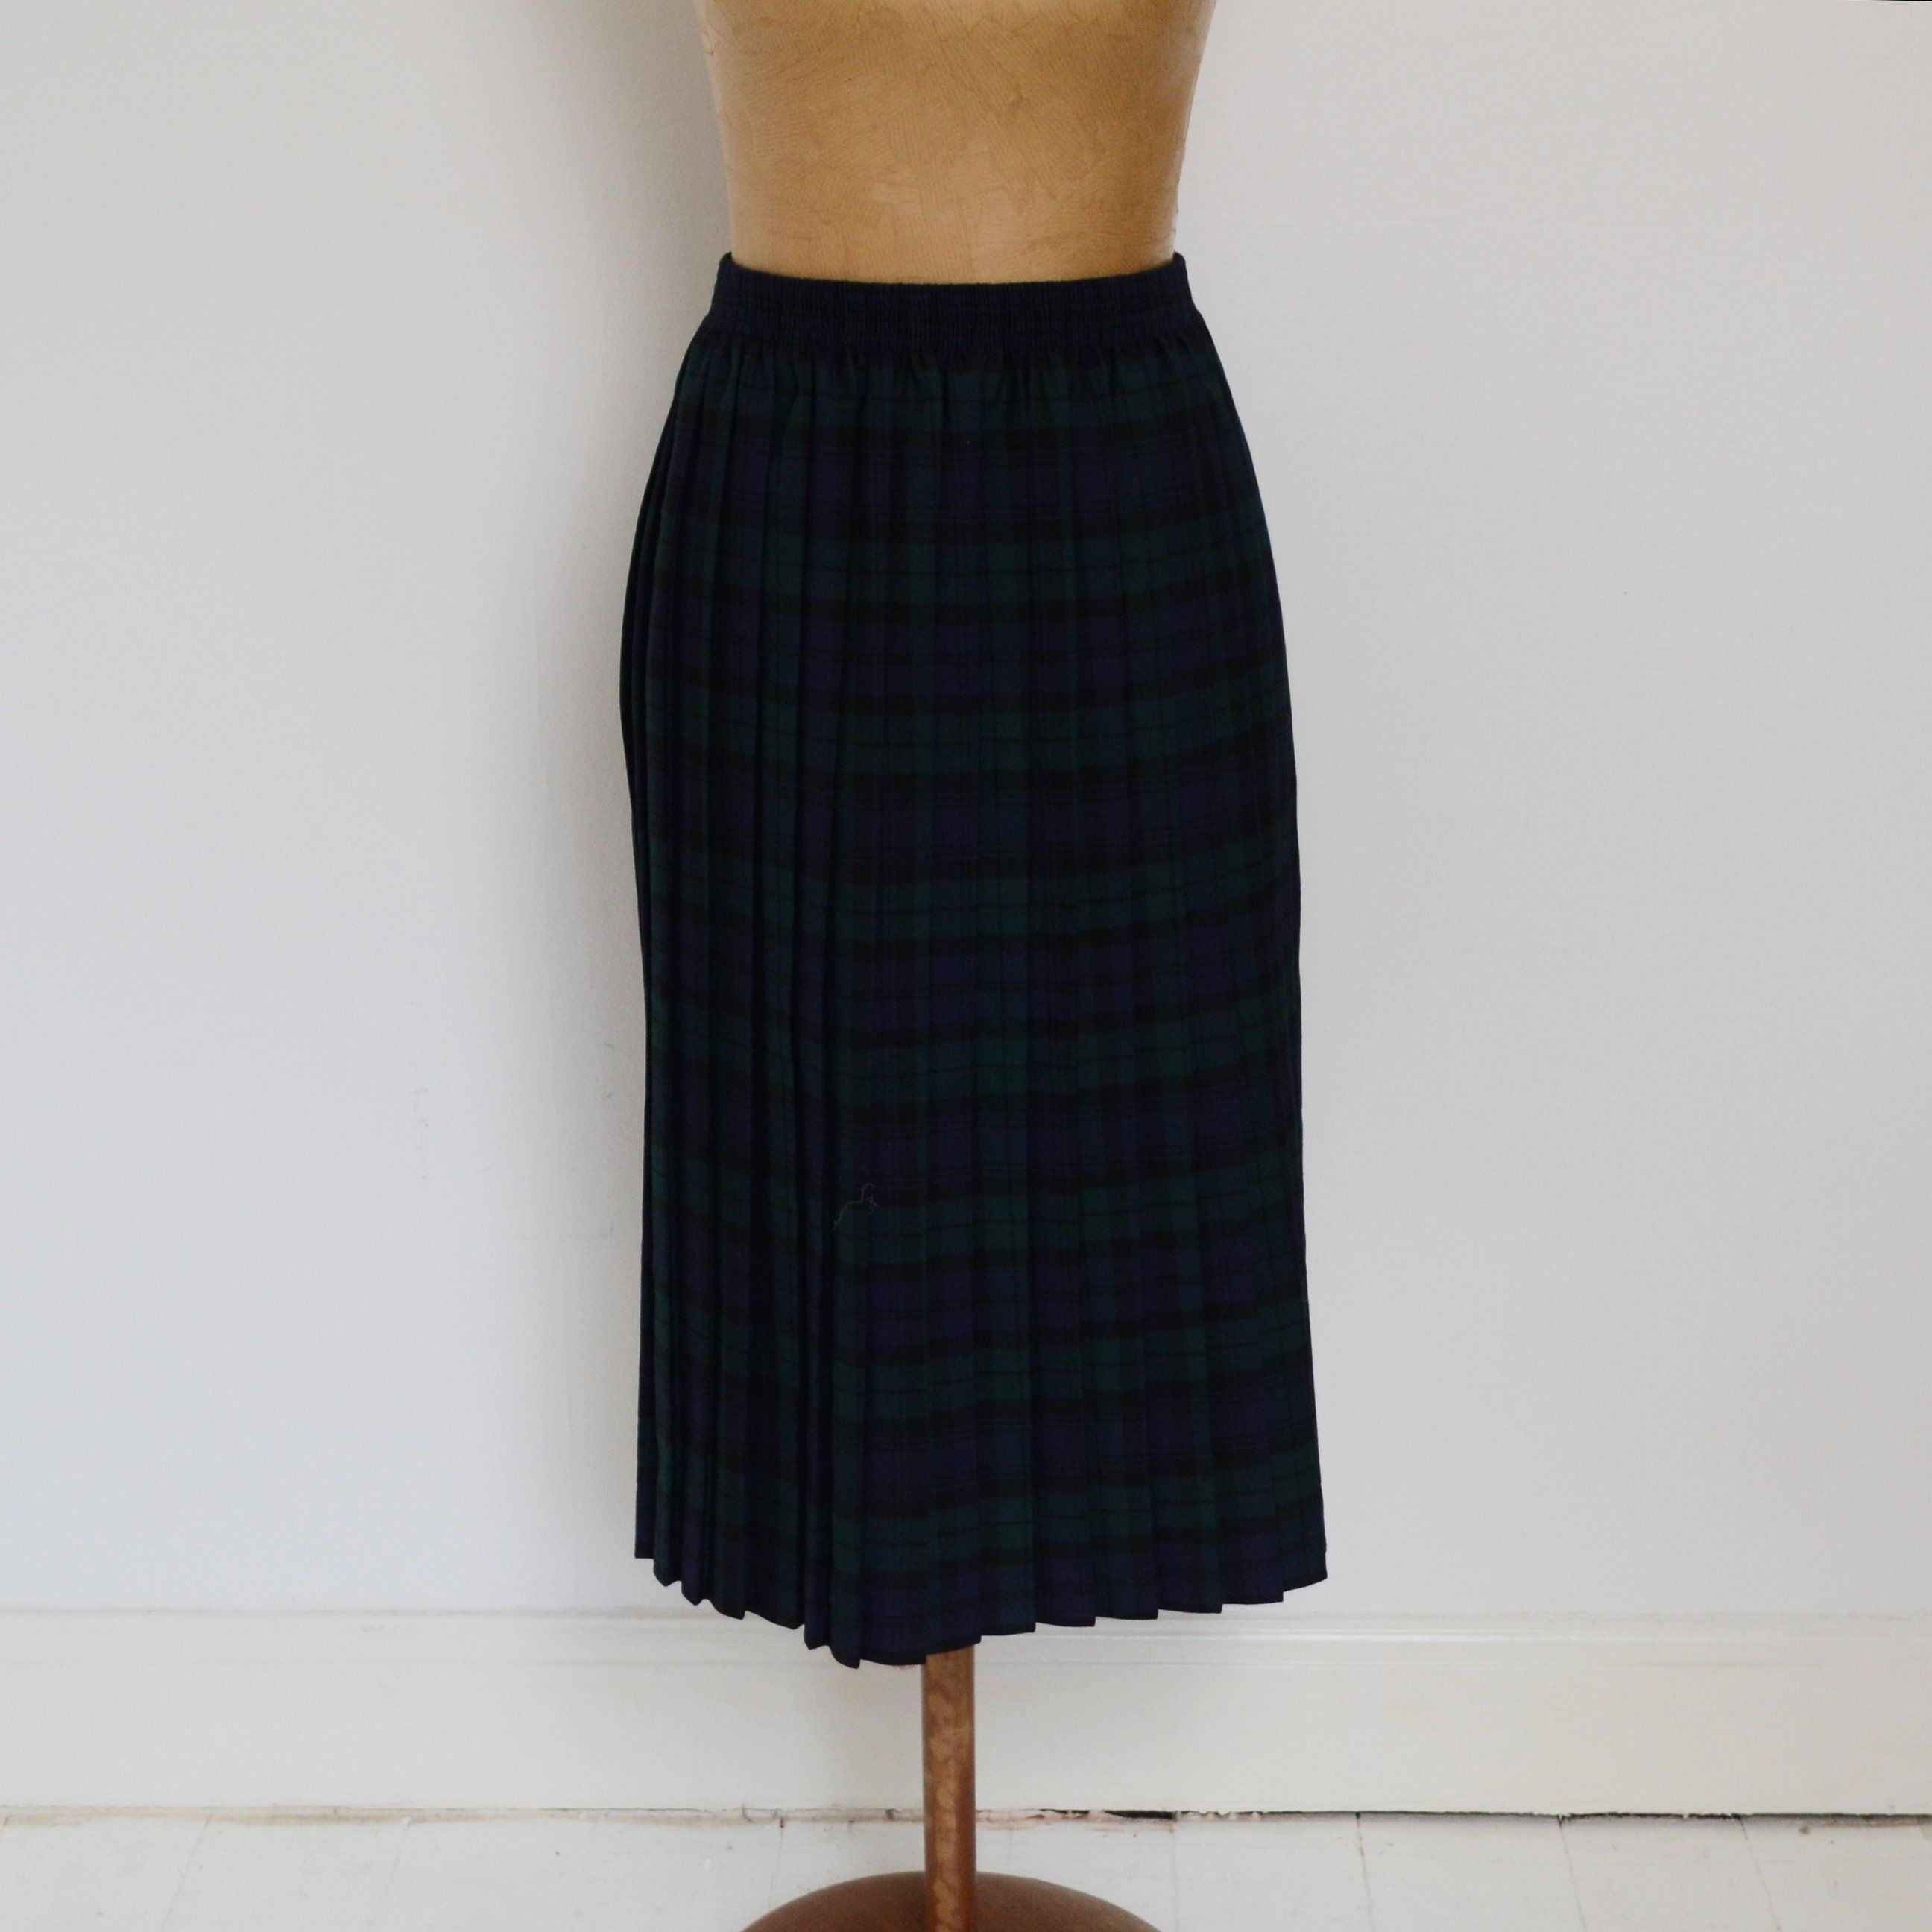 d0a01c33f3 Long Length Grey Pleated School Skirt